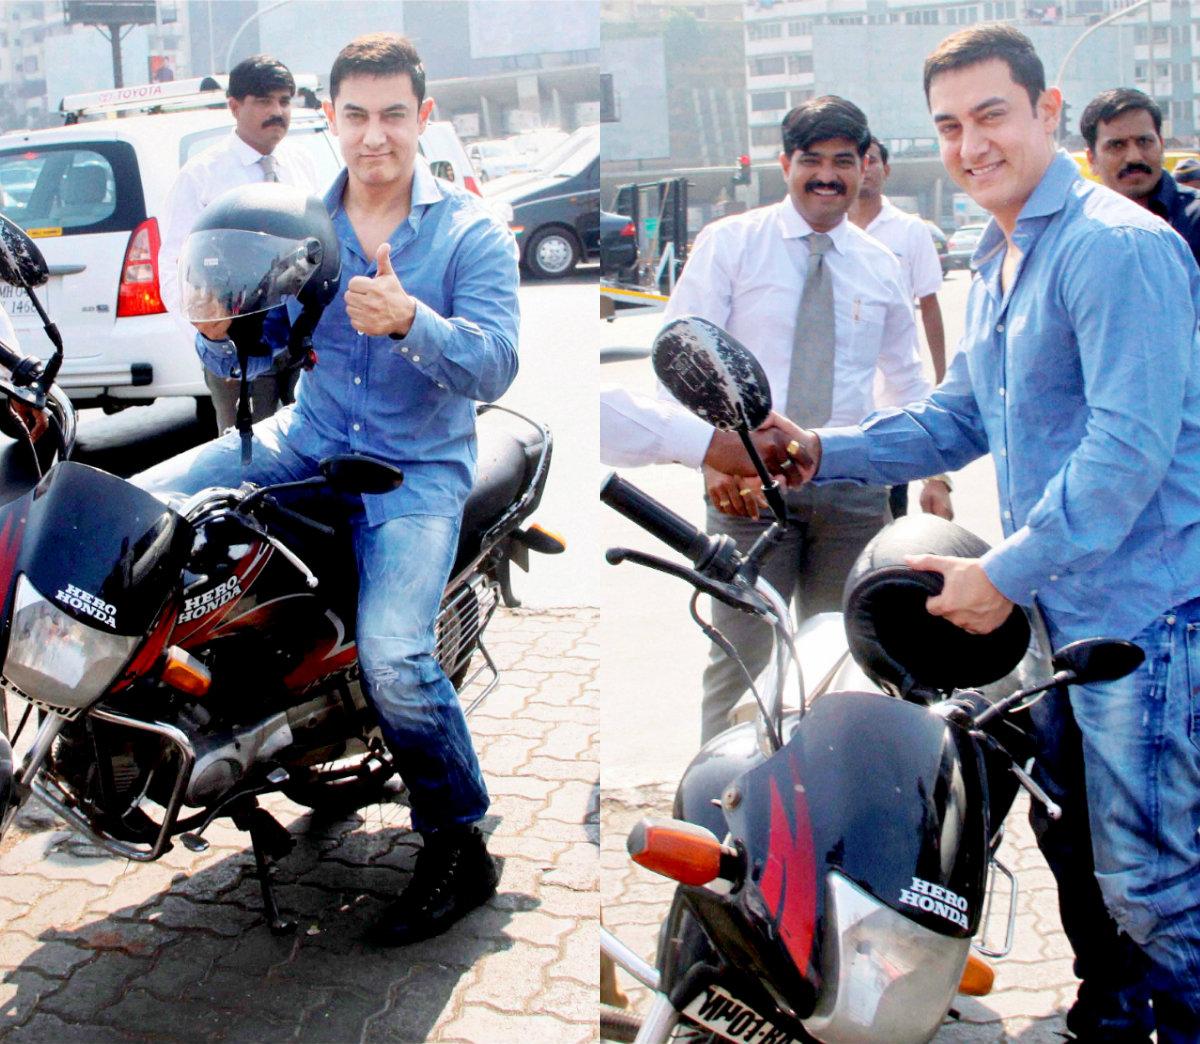 dhoom 3 actor aamir khan urges bikers to helmet up! - indiatimes